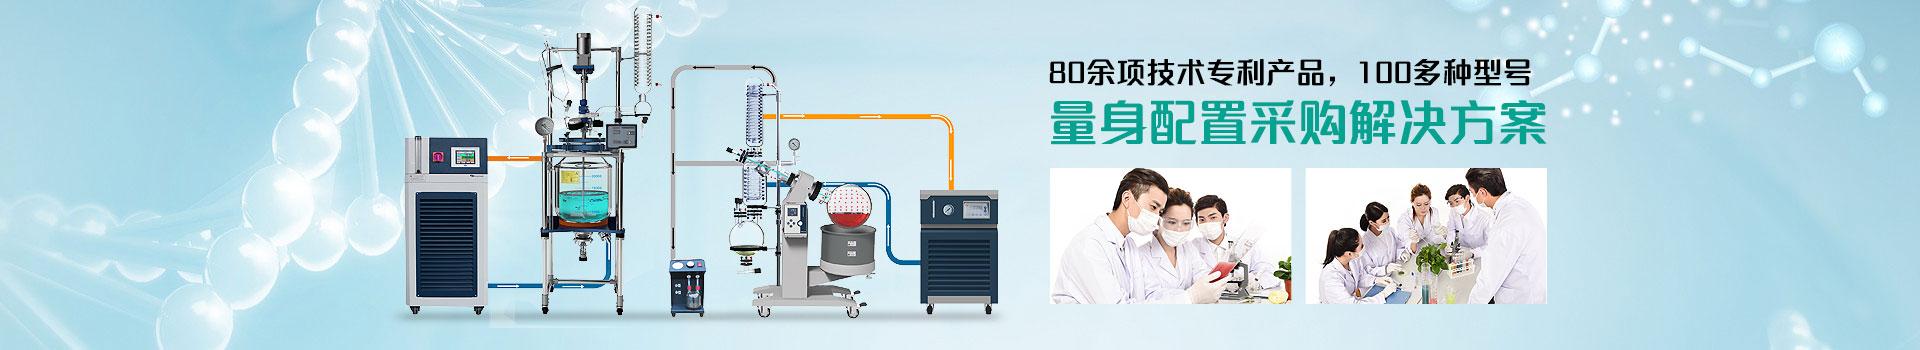 长城科仪器80余项技术专利产品,100多种型号